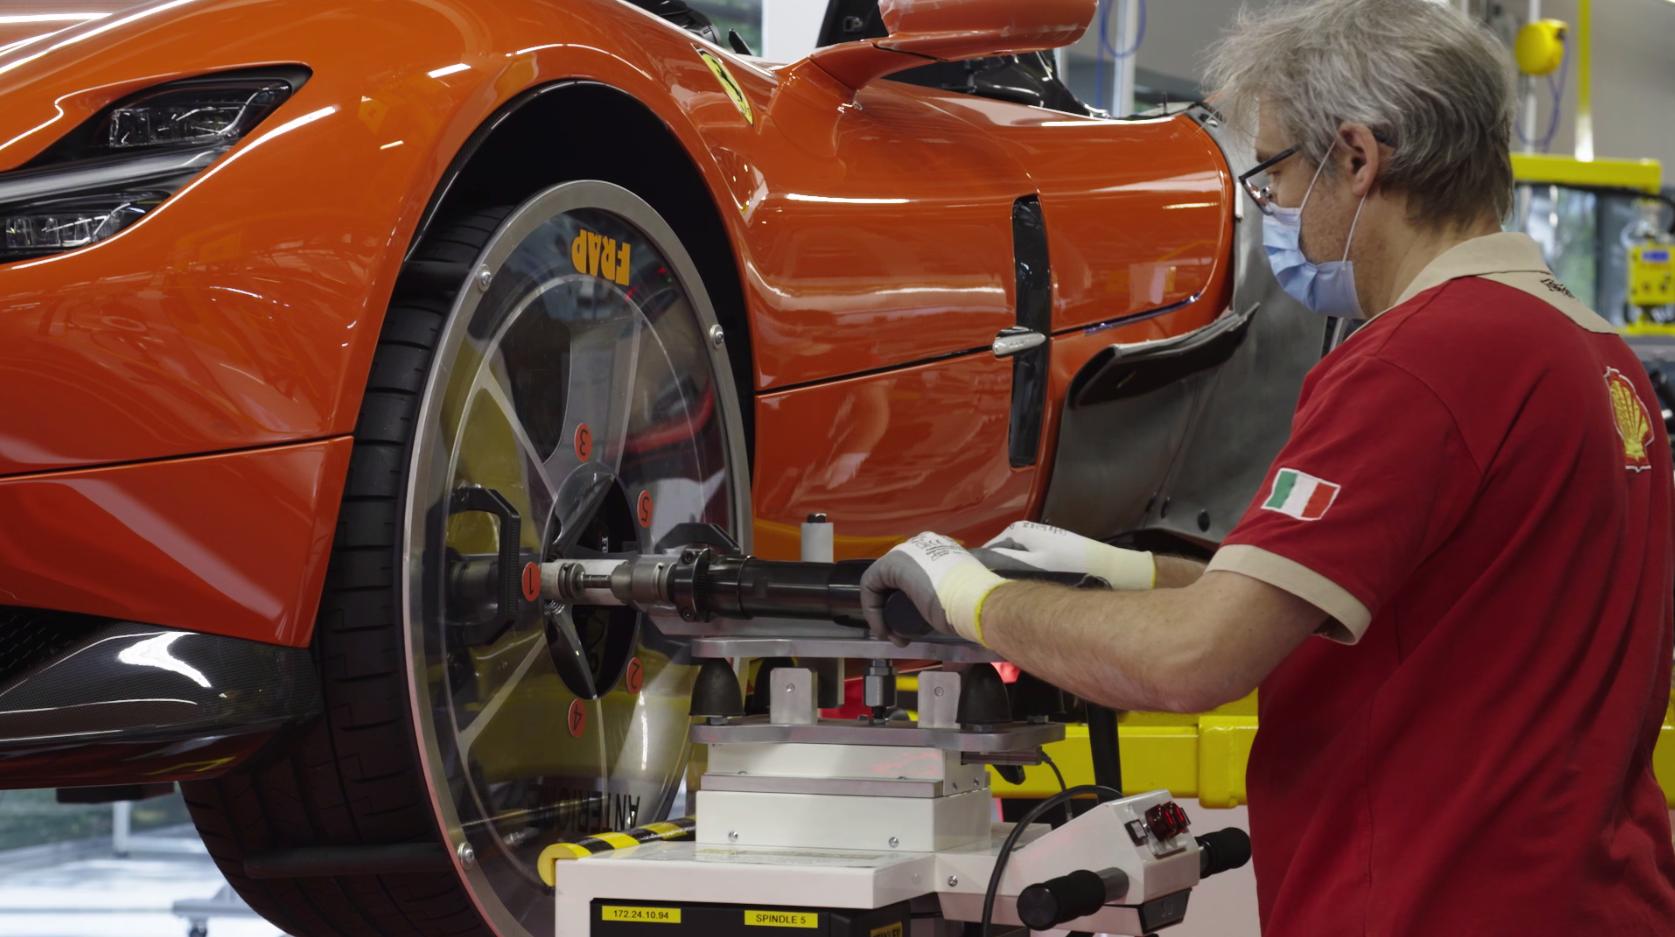 La Ferrari riprende la produzione, parte il traino per l'Italia migliore